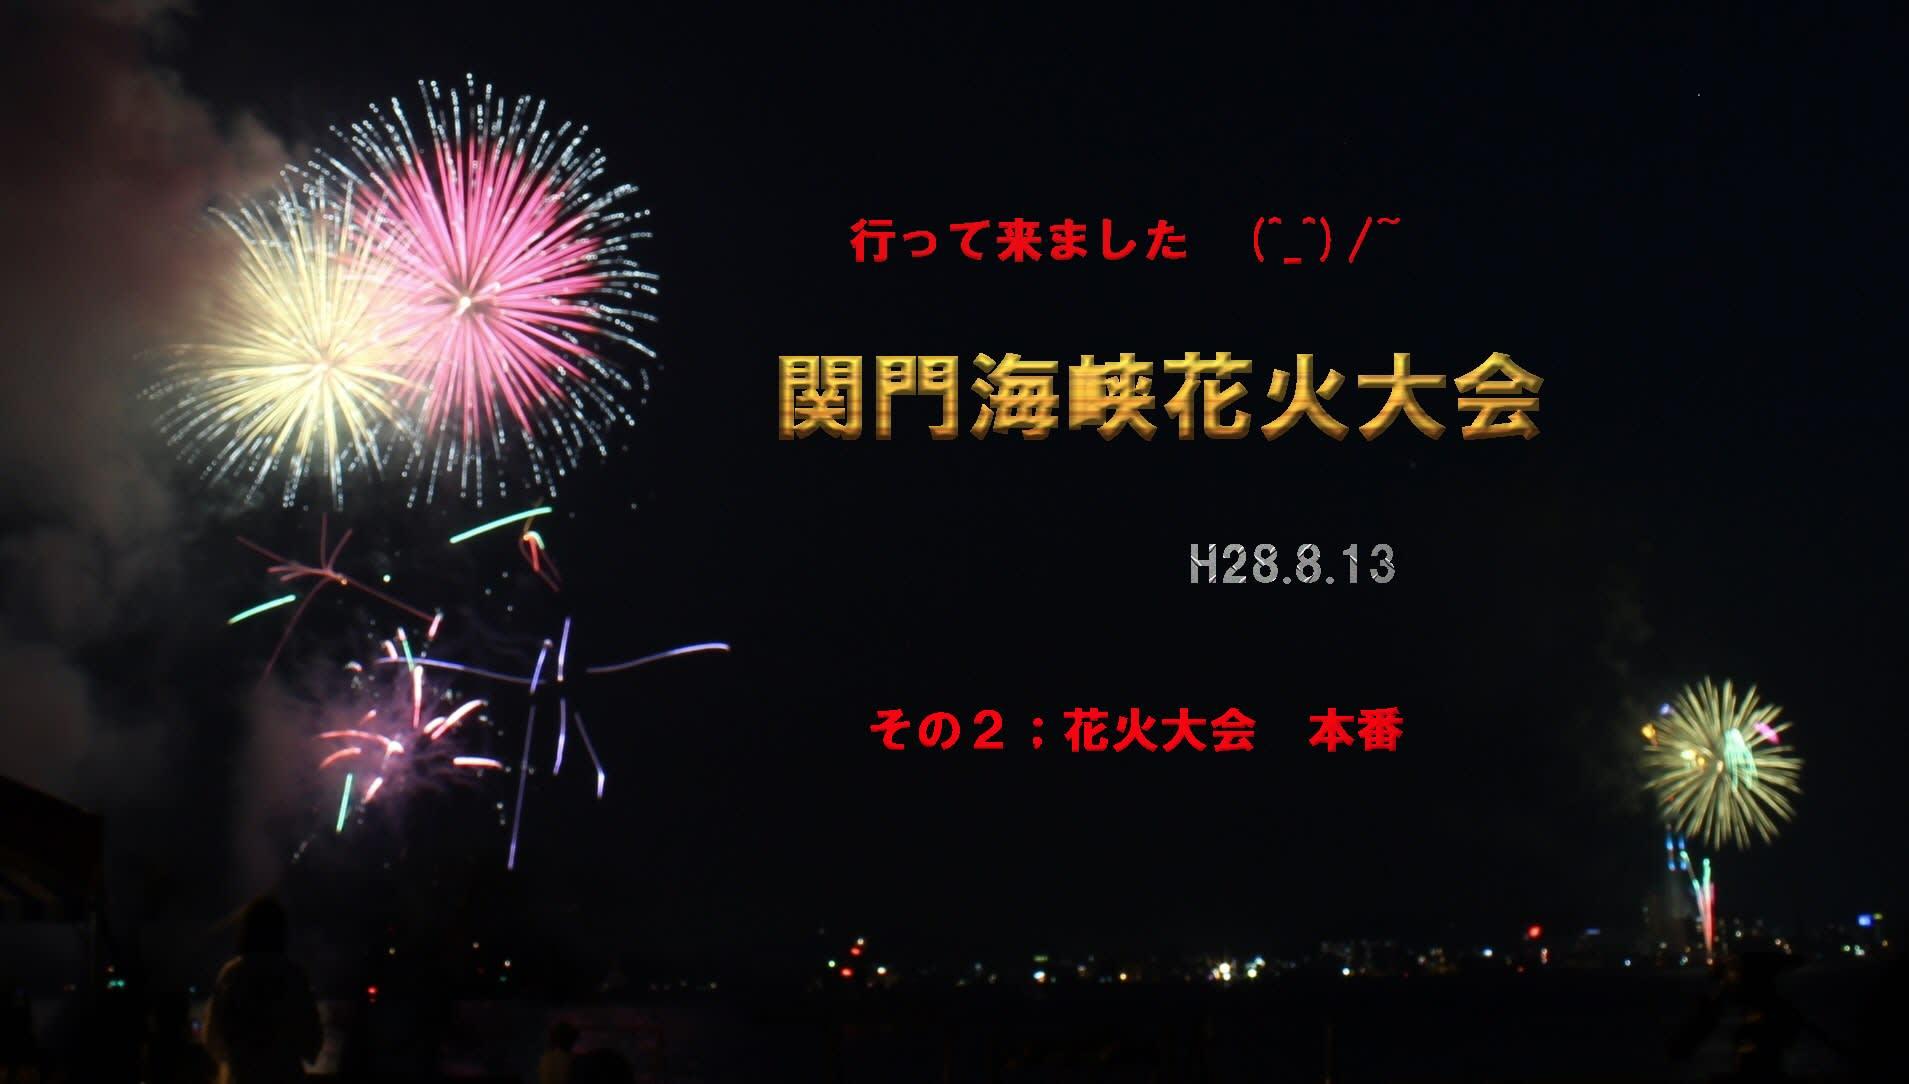 ☆関門海峡花火大会(H28.8.13 第29回)に、はじめて行ってきました ...